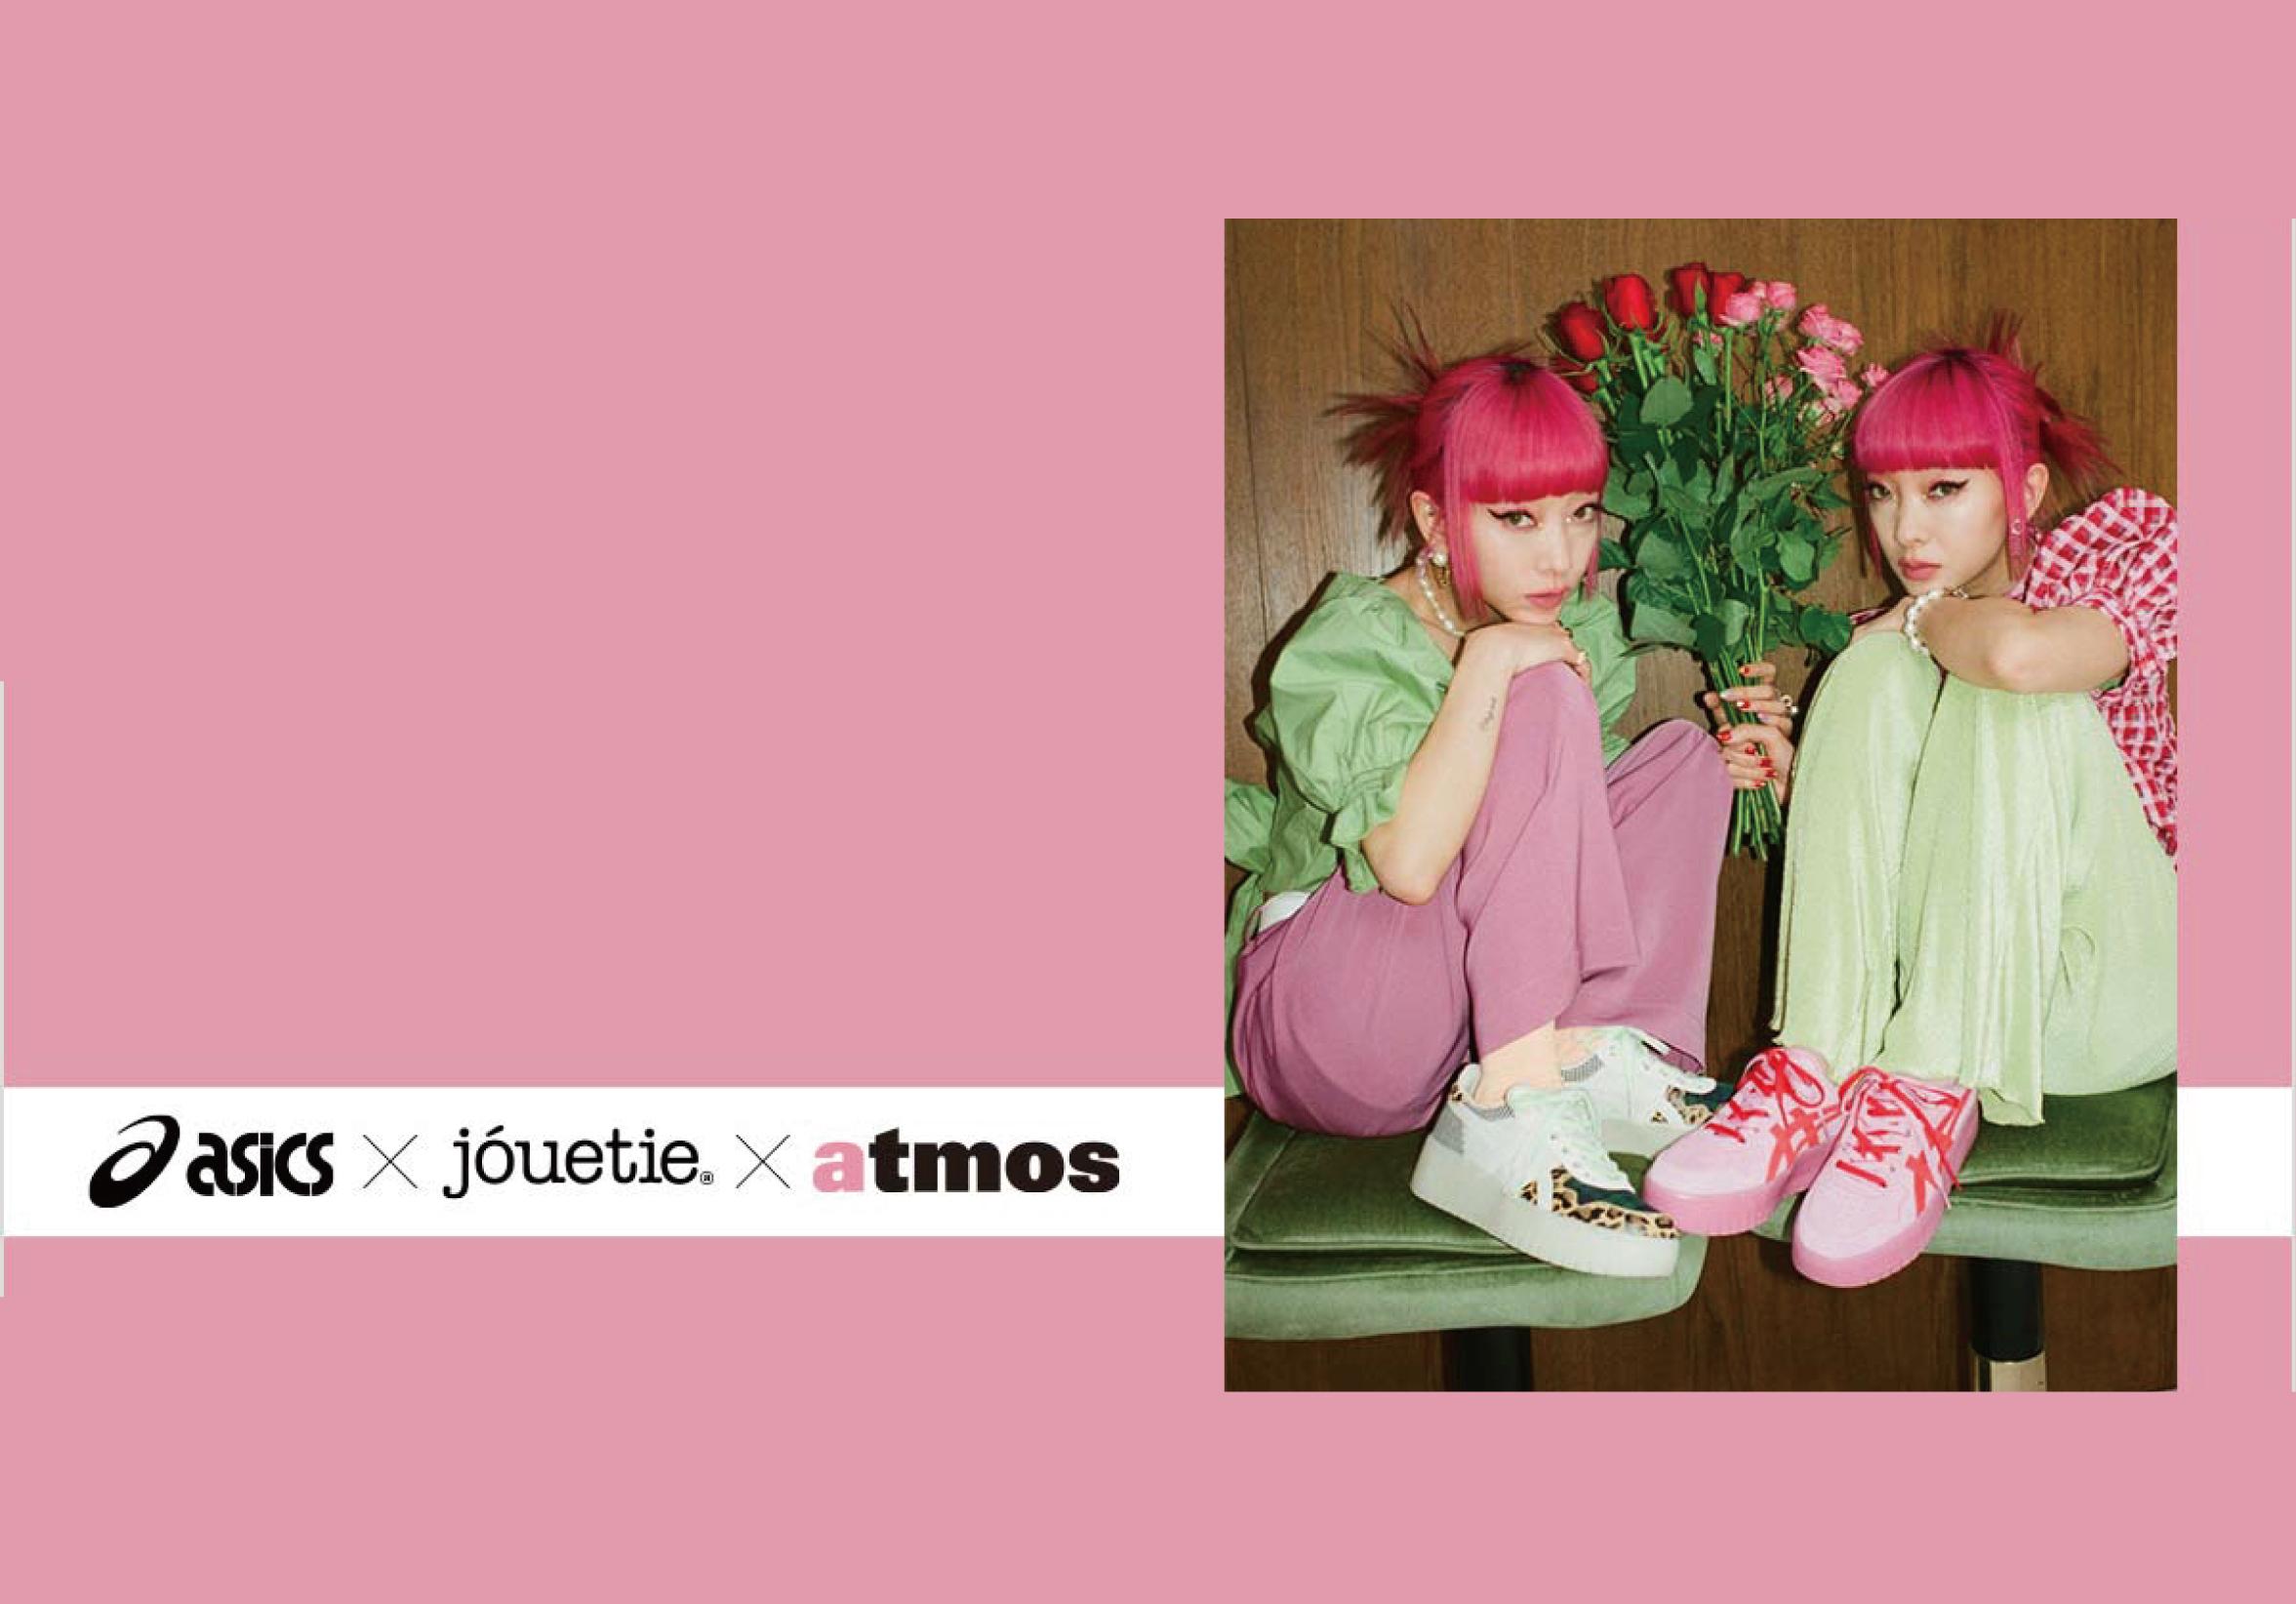 【 ASICS × jouetie × atmos 】